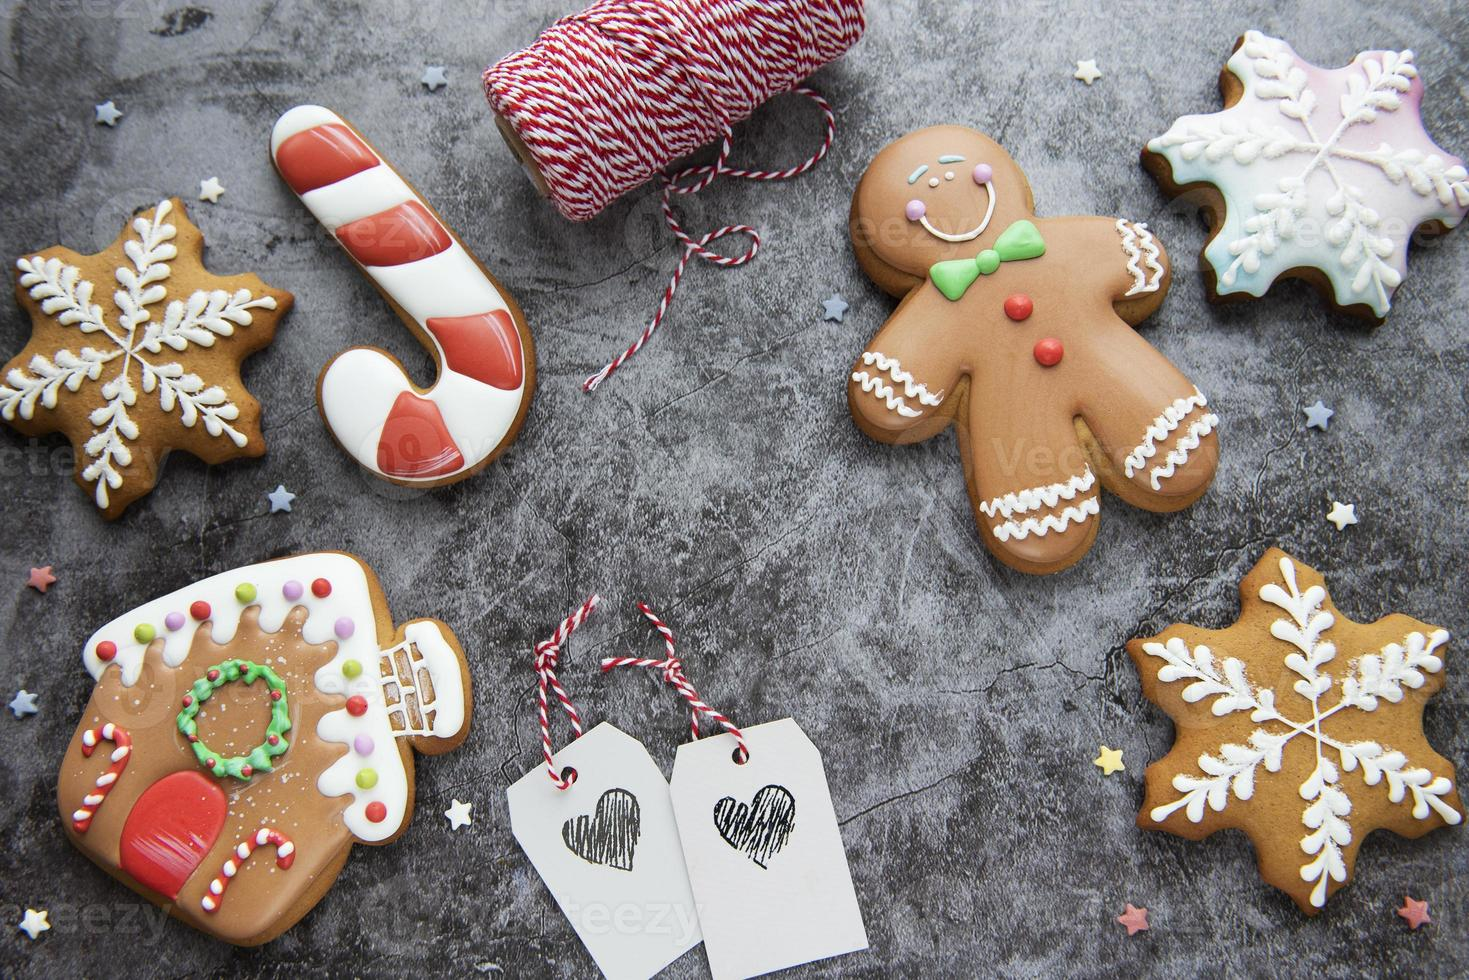 biscoitos de gengibre de natal em fundo escuro foto